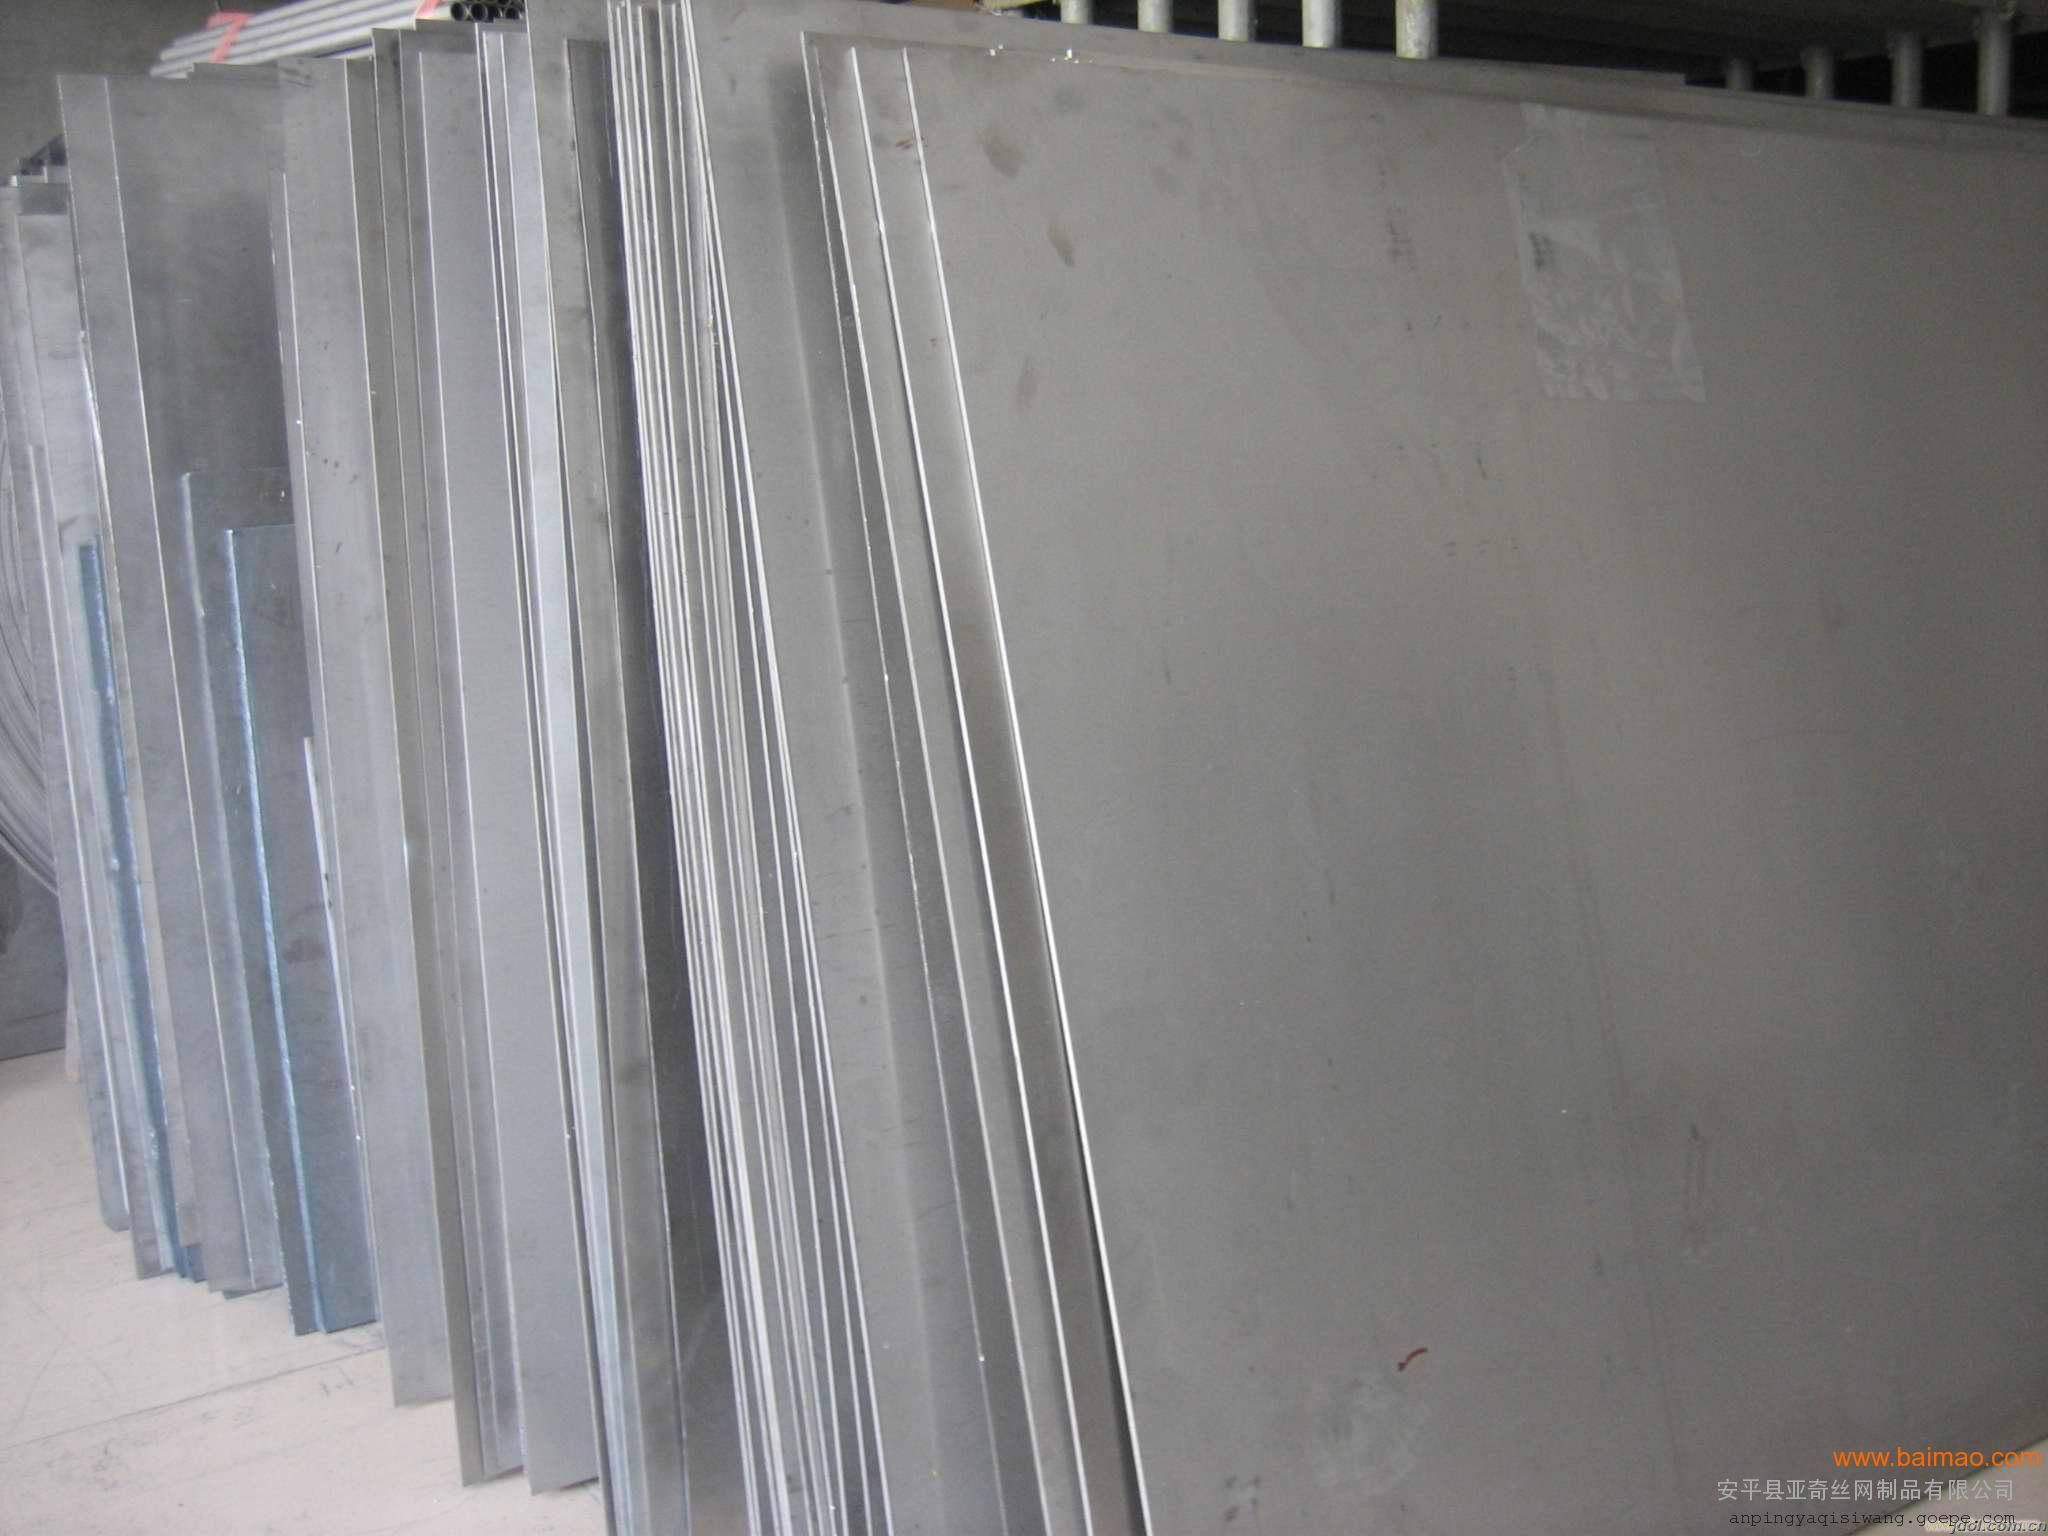 安阳供应不锈钢板网各种规格/郑州护栏网不锈钢板网生产厂家